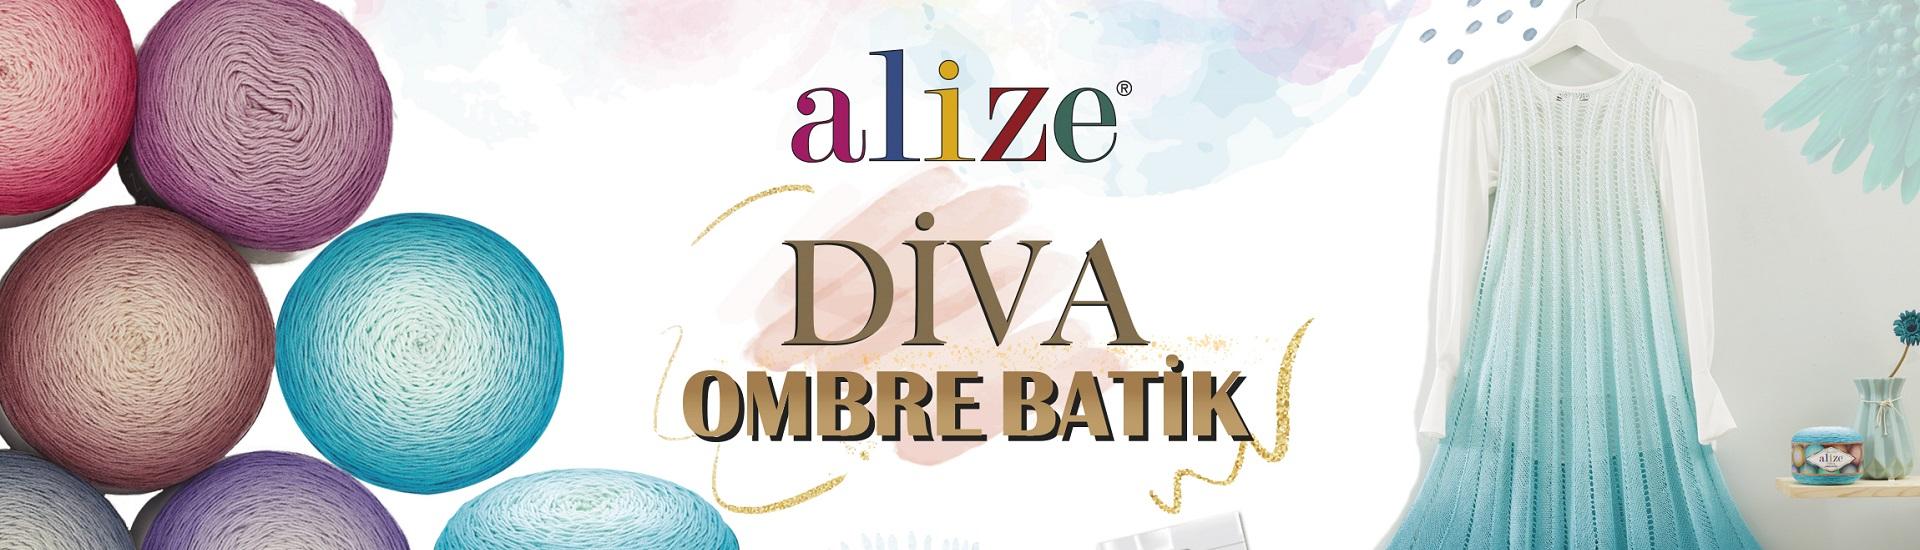 DIVA Ombre Batik